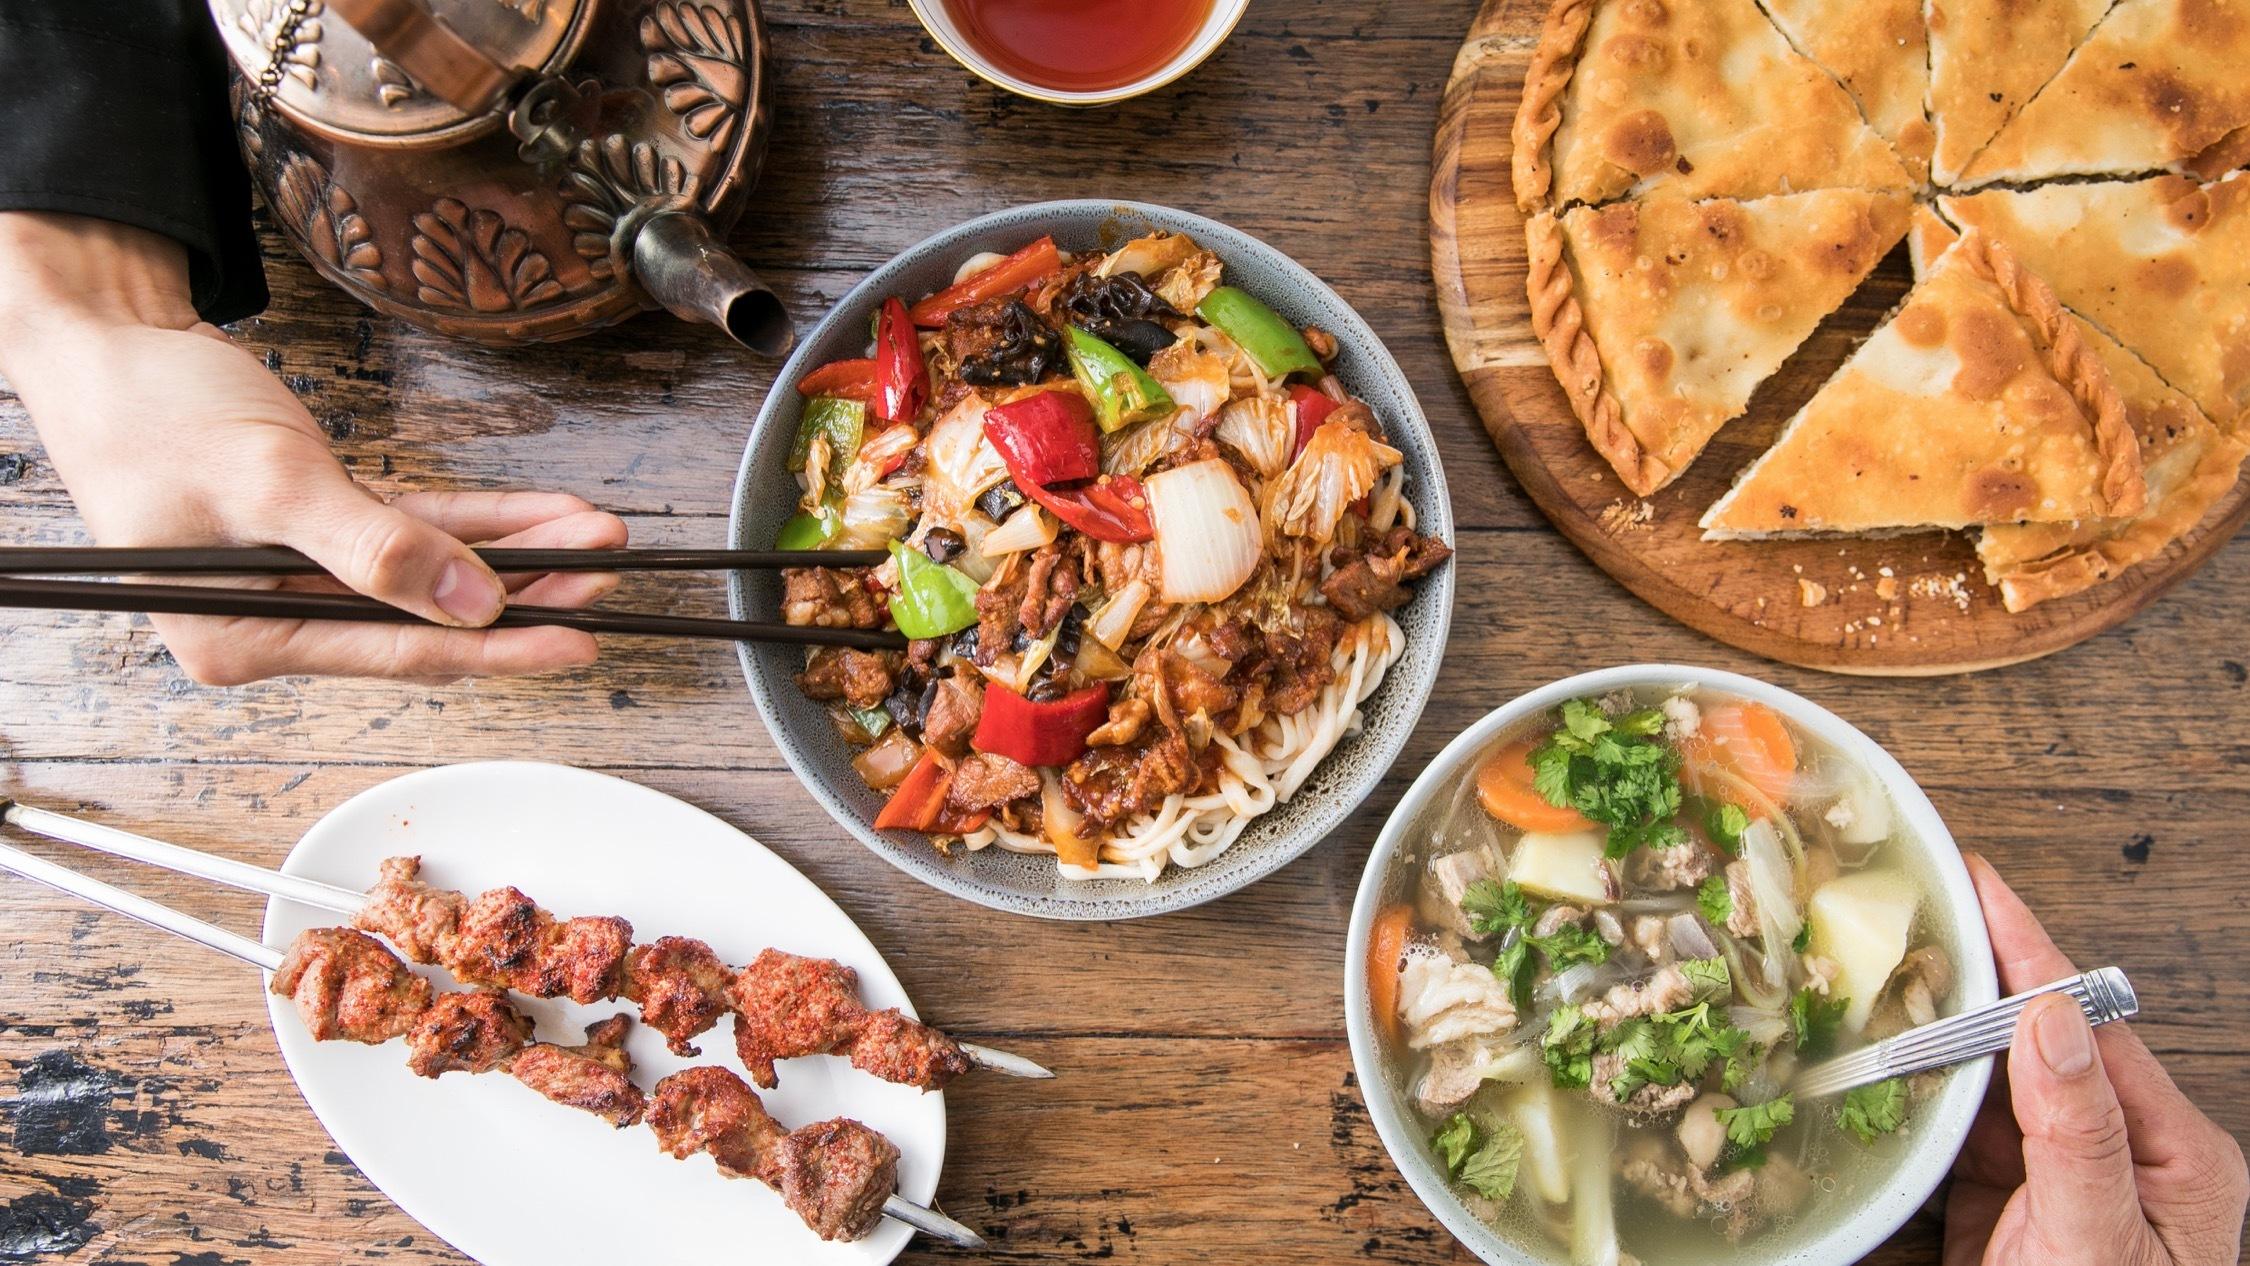 Food at Tarim Uyghur Auburn